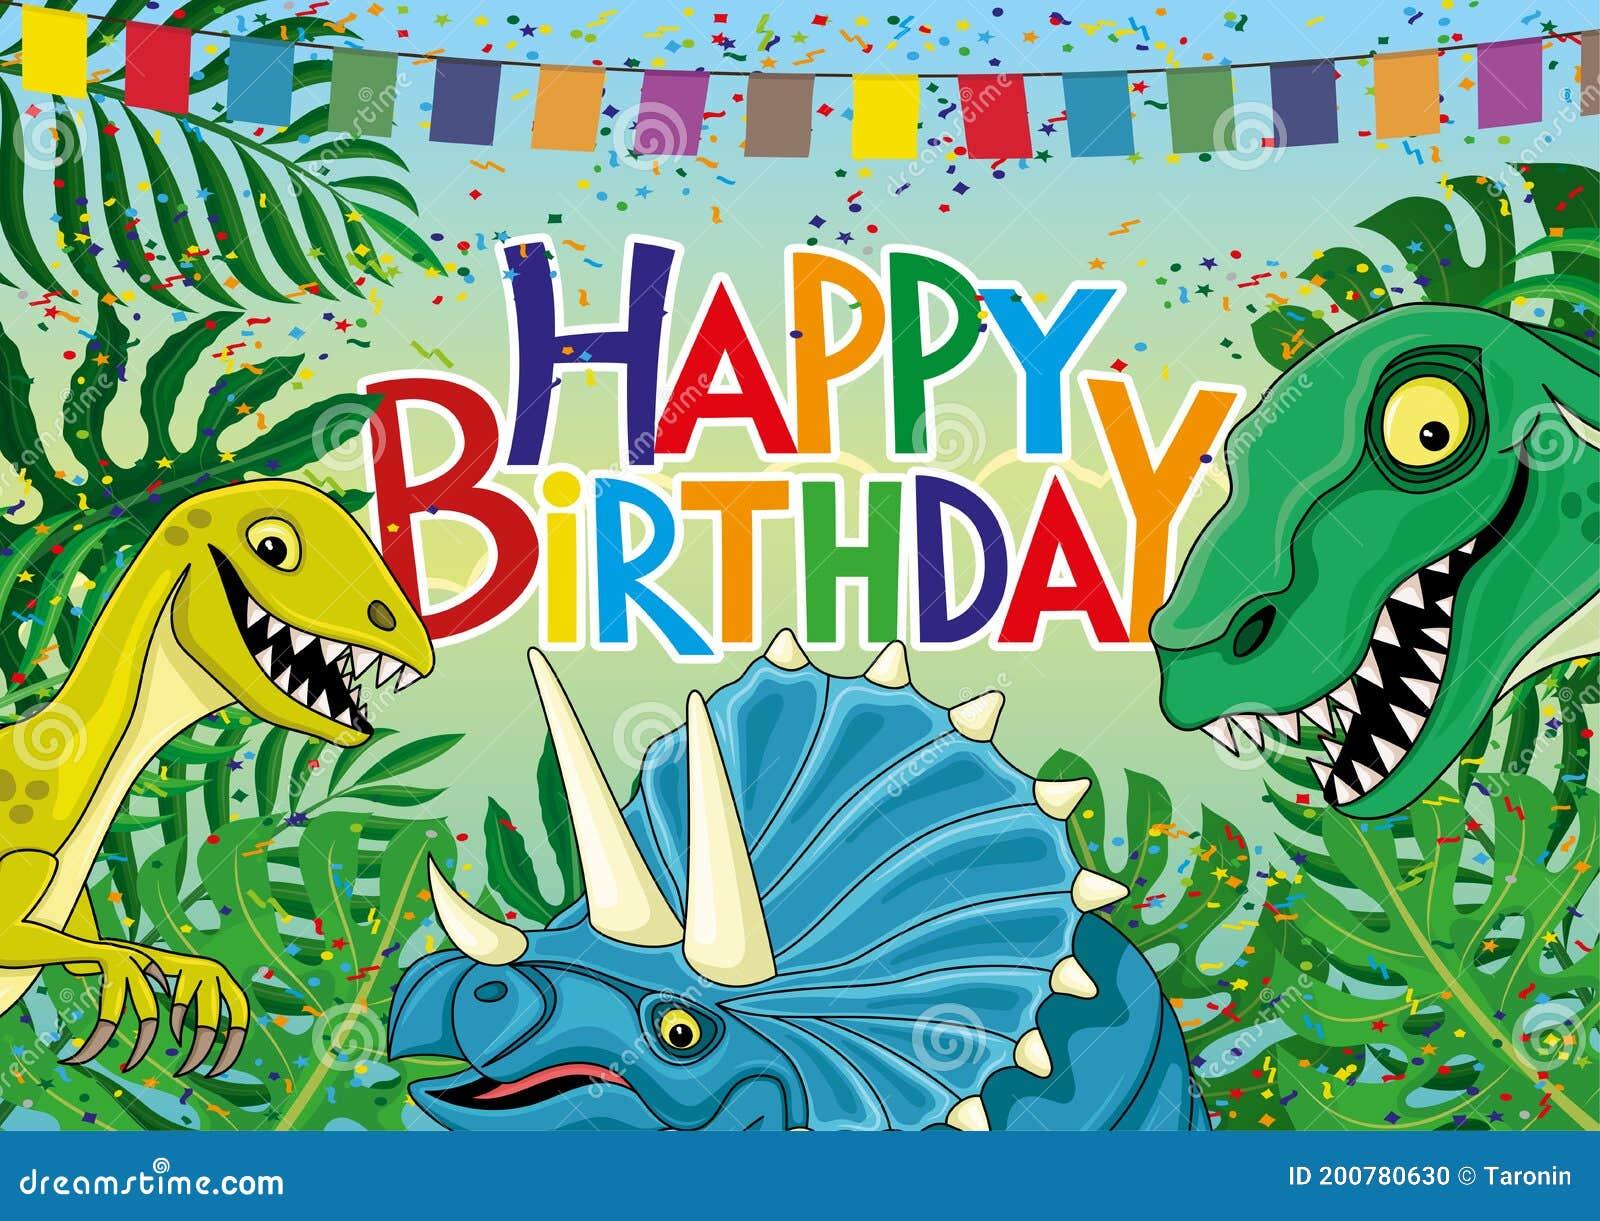 Geburtstaggrüße lustige Lustige Geburtstagswuensche